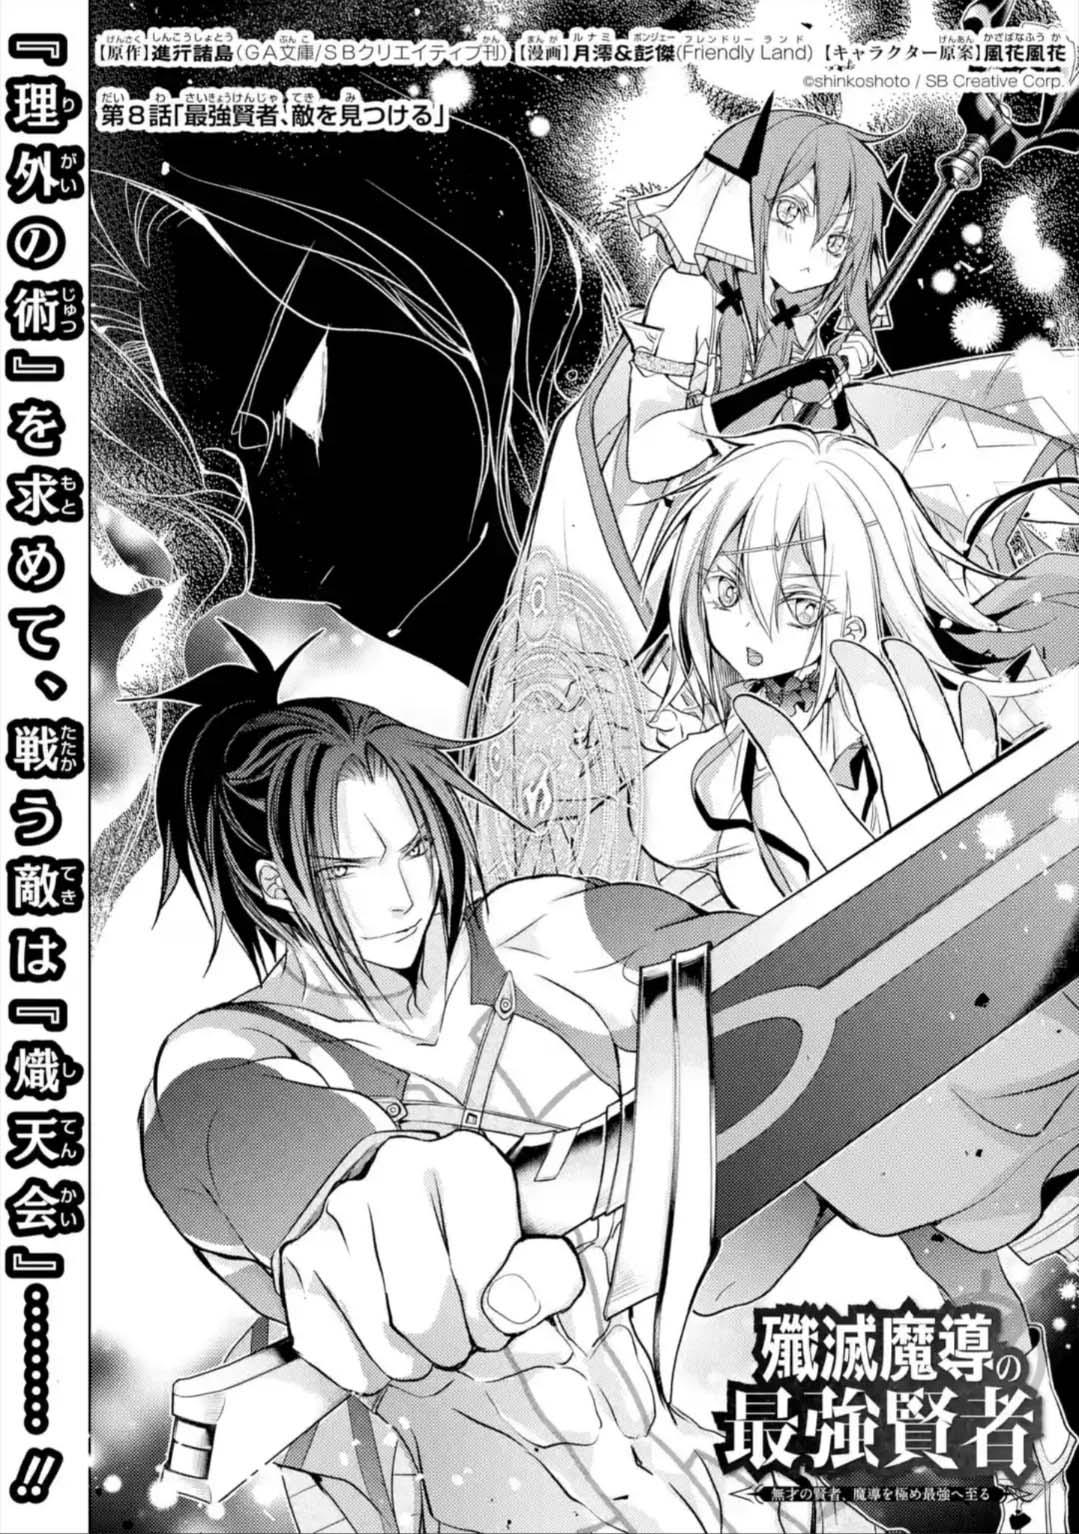 อ่านการ์ตูน Senmetsumadou no Saikyokenja ตอนที่ 8.1 หน้าที่ 7